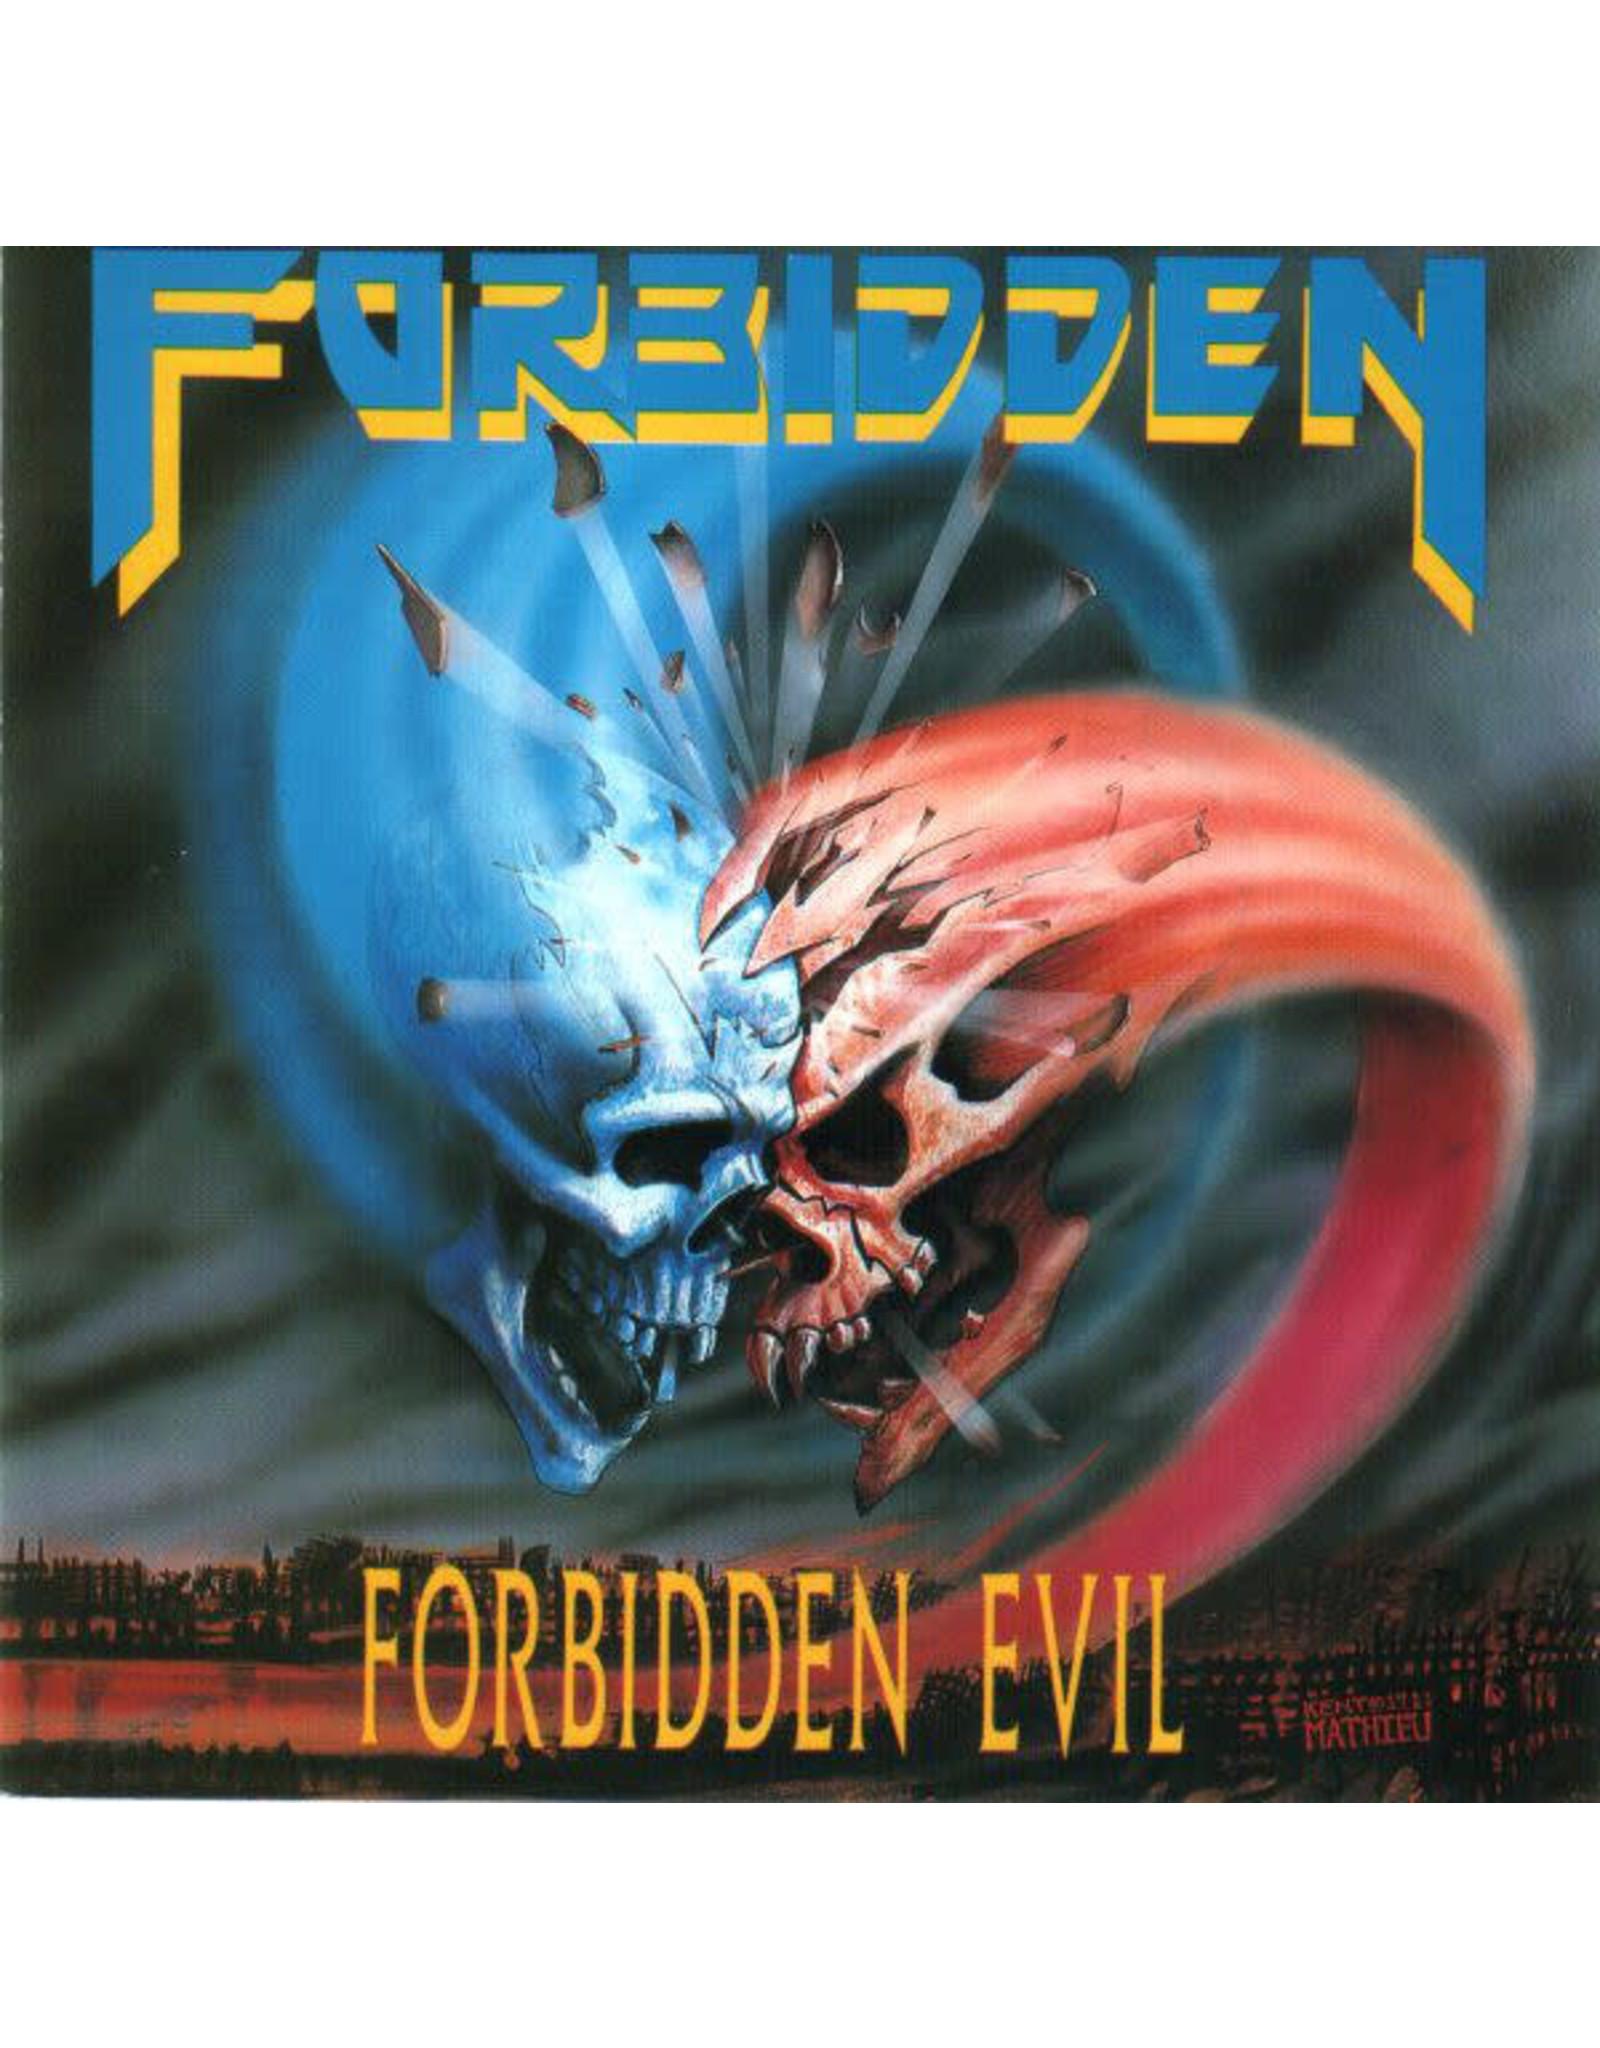 Forbidden - Forbidden Evil LP (Limited Edition Black Vinyl)